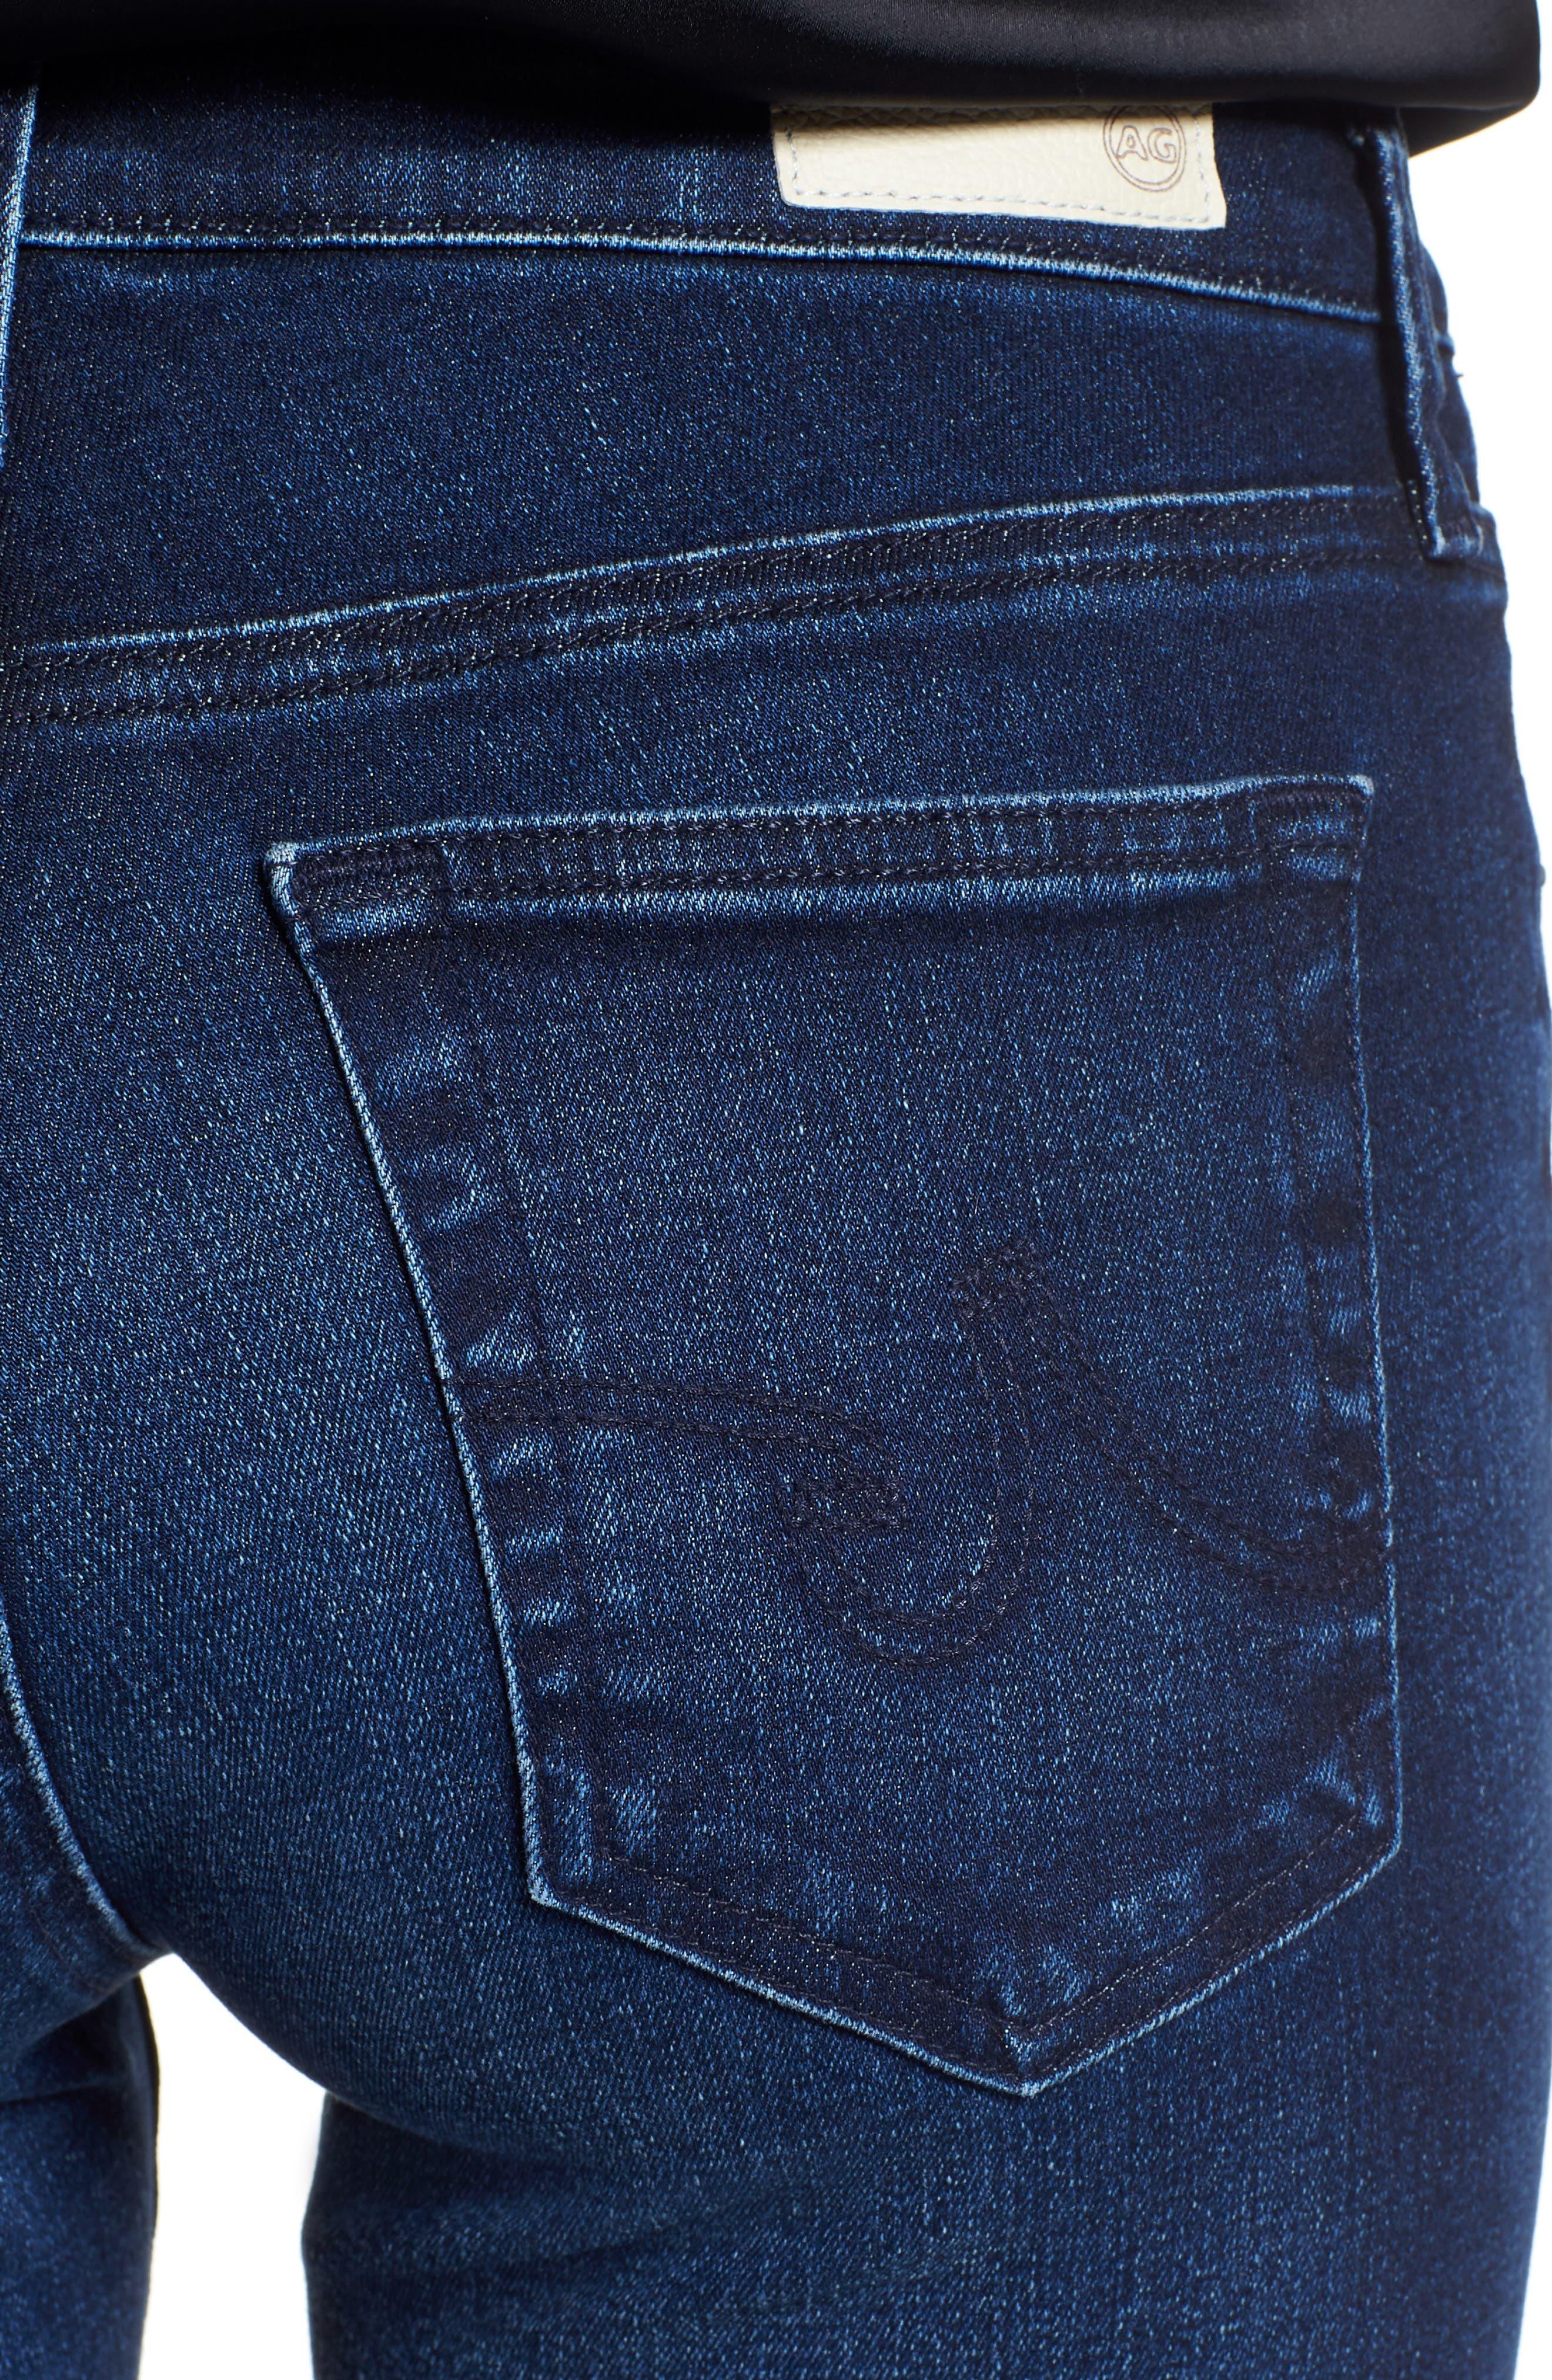 Prima Skinny Jeans,                             Alternate thumbnail 4, color,                             416